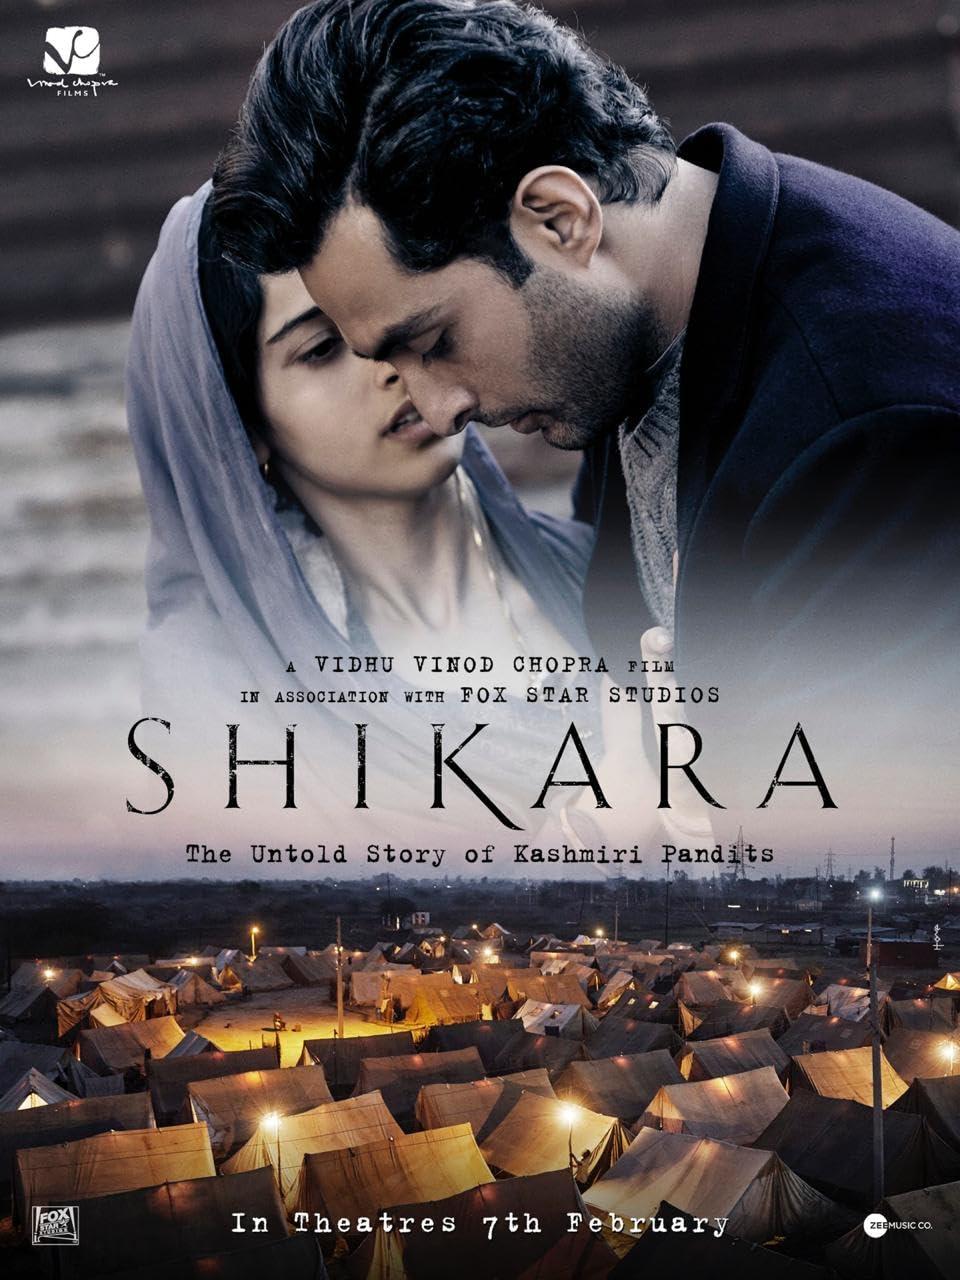 Shikara (2020) centmovies.xyz